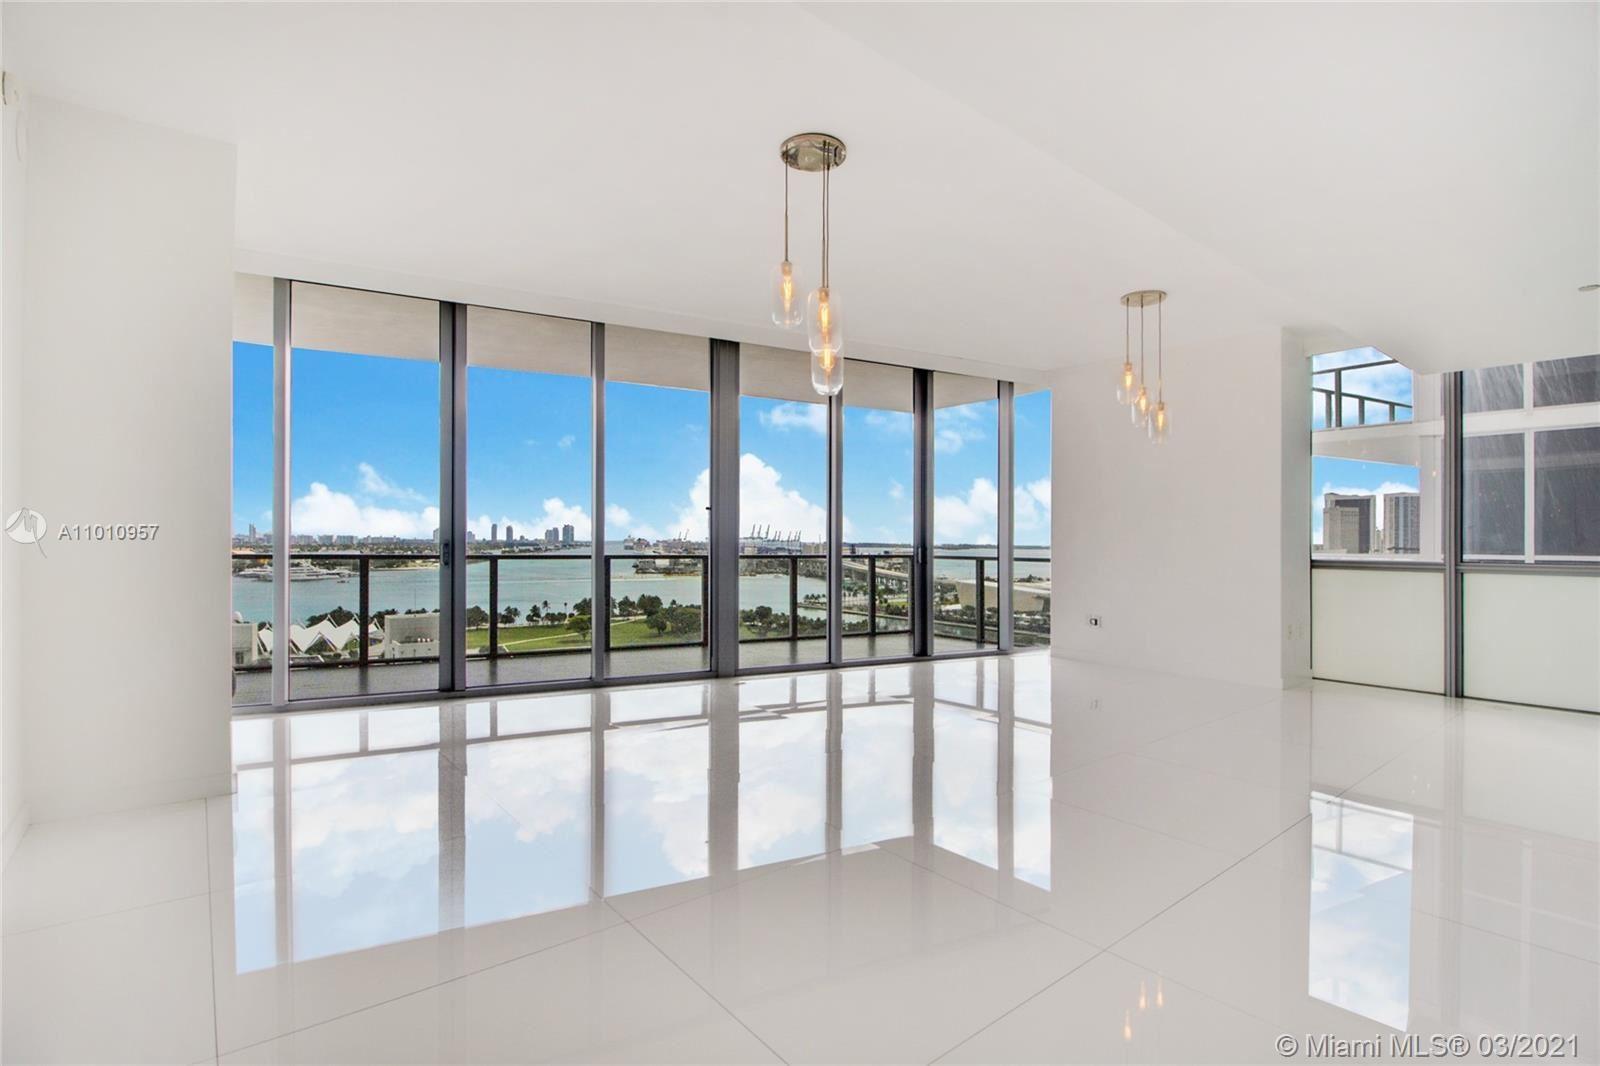 1100 Biscayne Blvd #1702, Miami, FL 33132 - #: A11010957